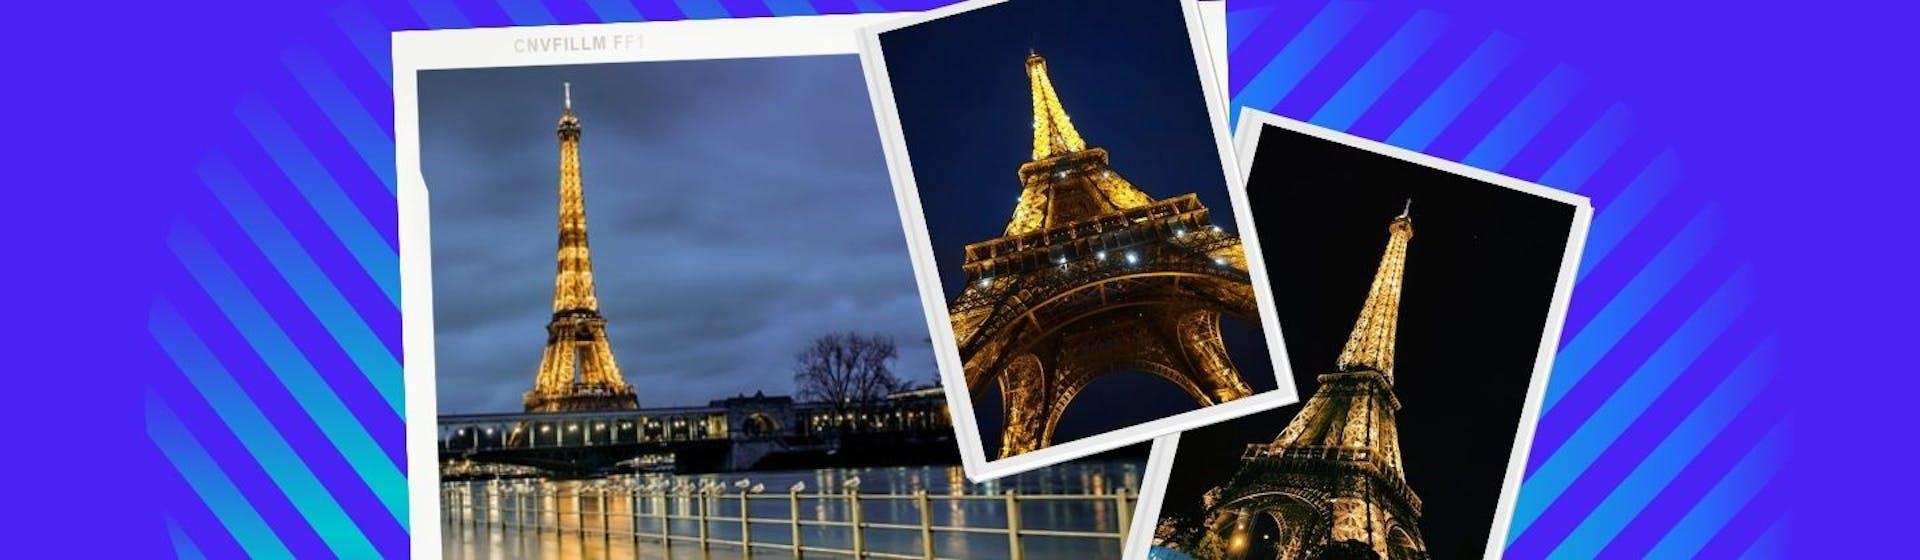 Fotos de la Torre Eiffel de noche: ¿están realmente prohibidas?